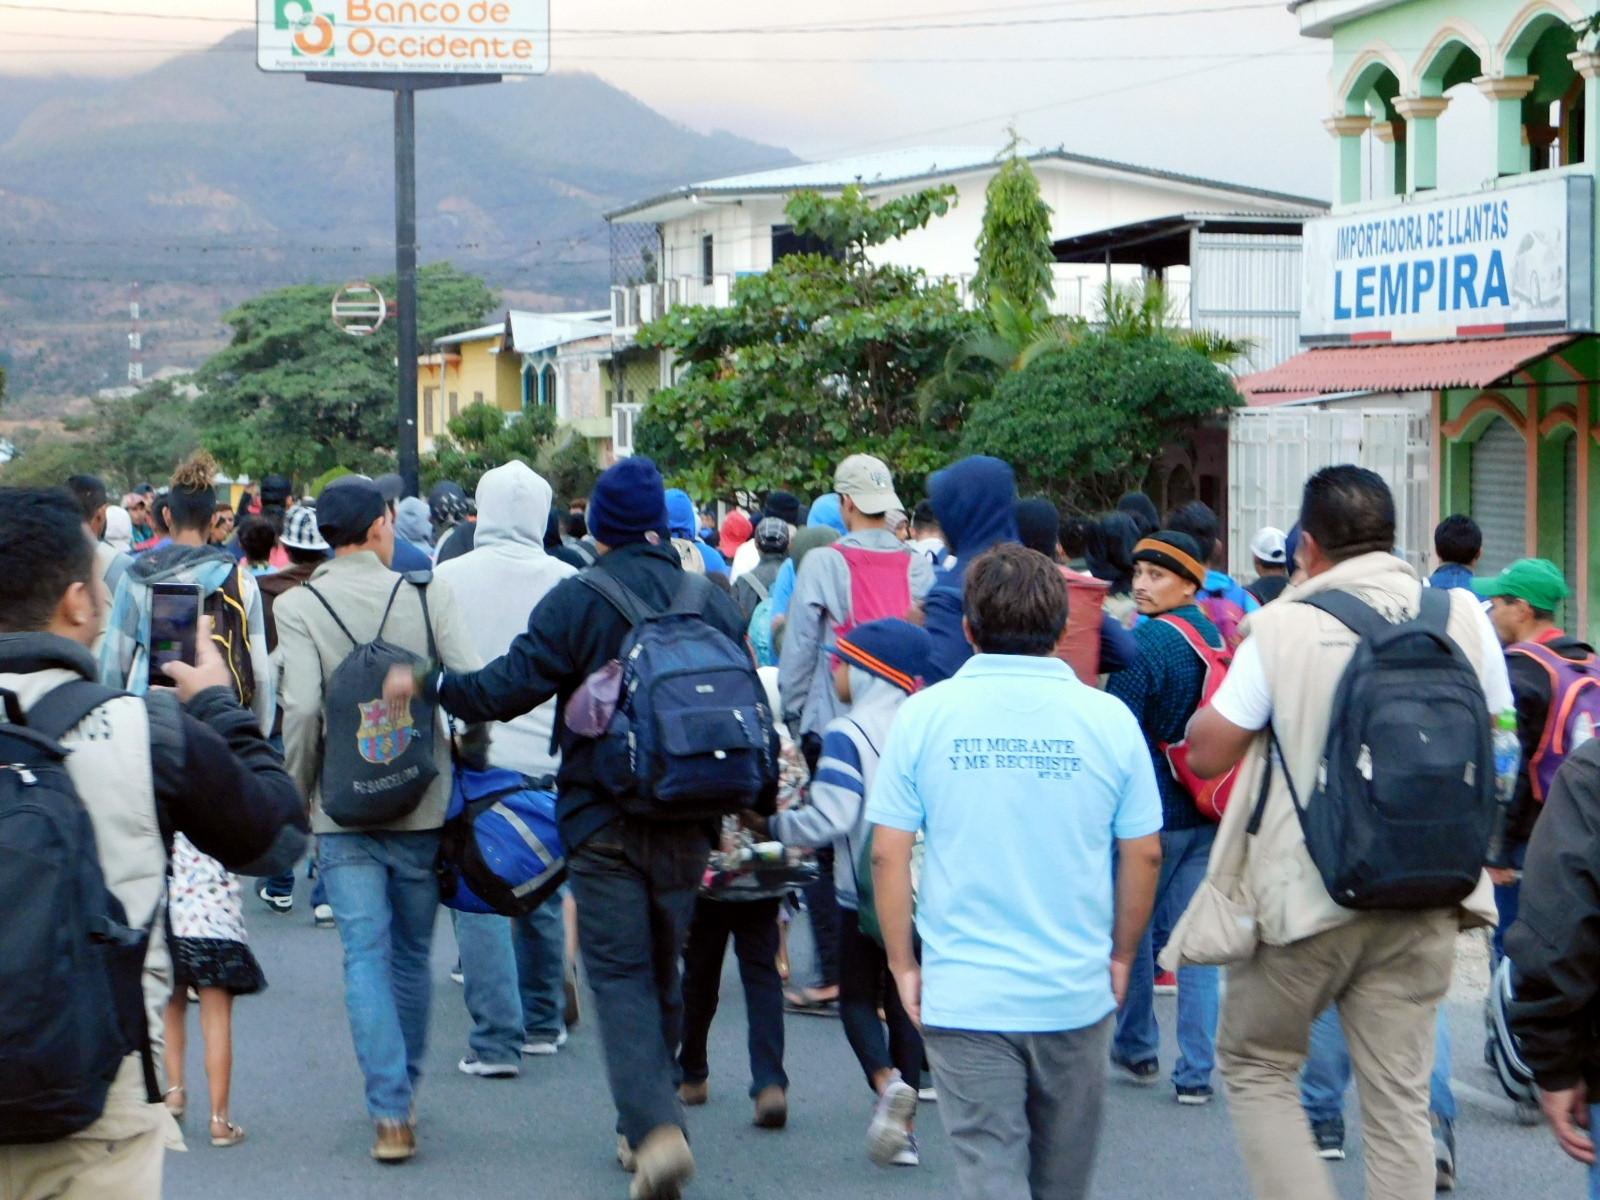 Al igual que muchas personas, el equipo de Coyuntura fue bajado de un autobus para ser registrado por la Policía de Honduras en el trayecto de la caravana que tenía como objetivo el norte del continente.